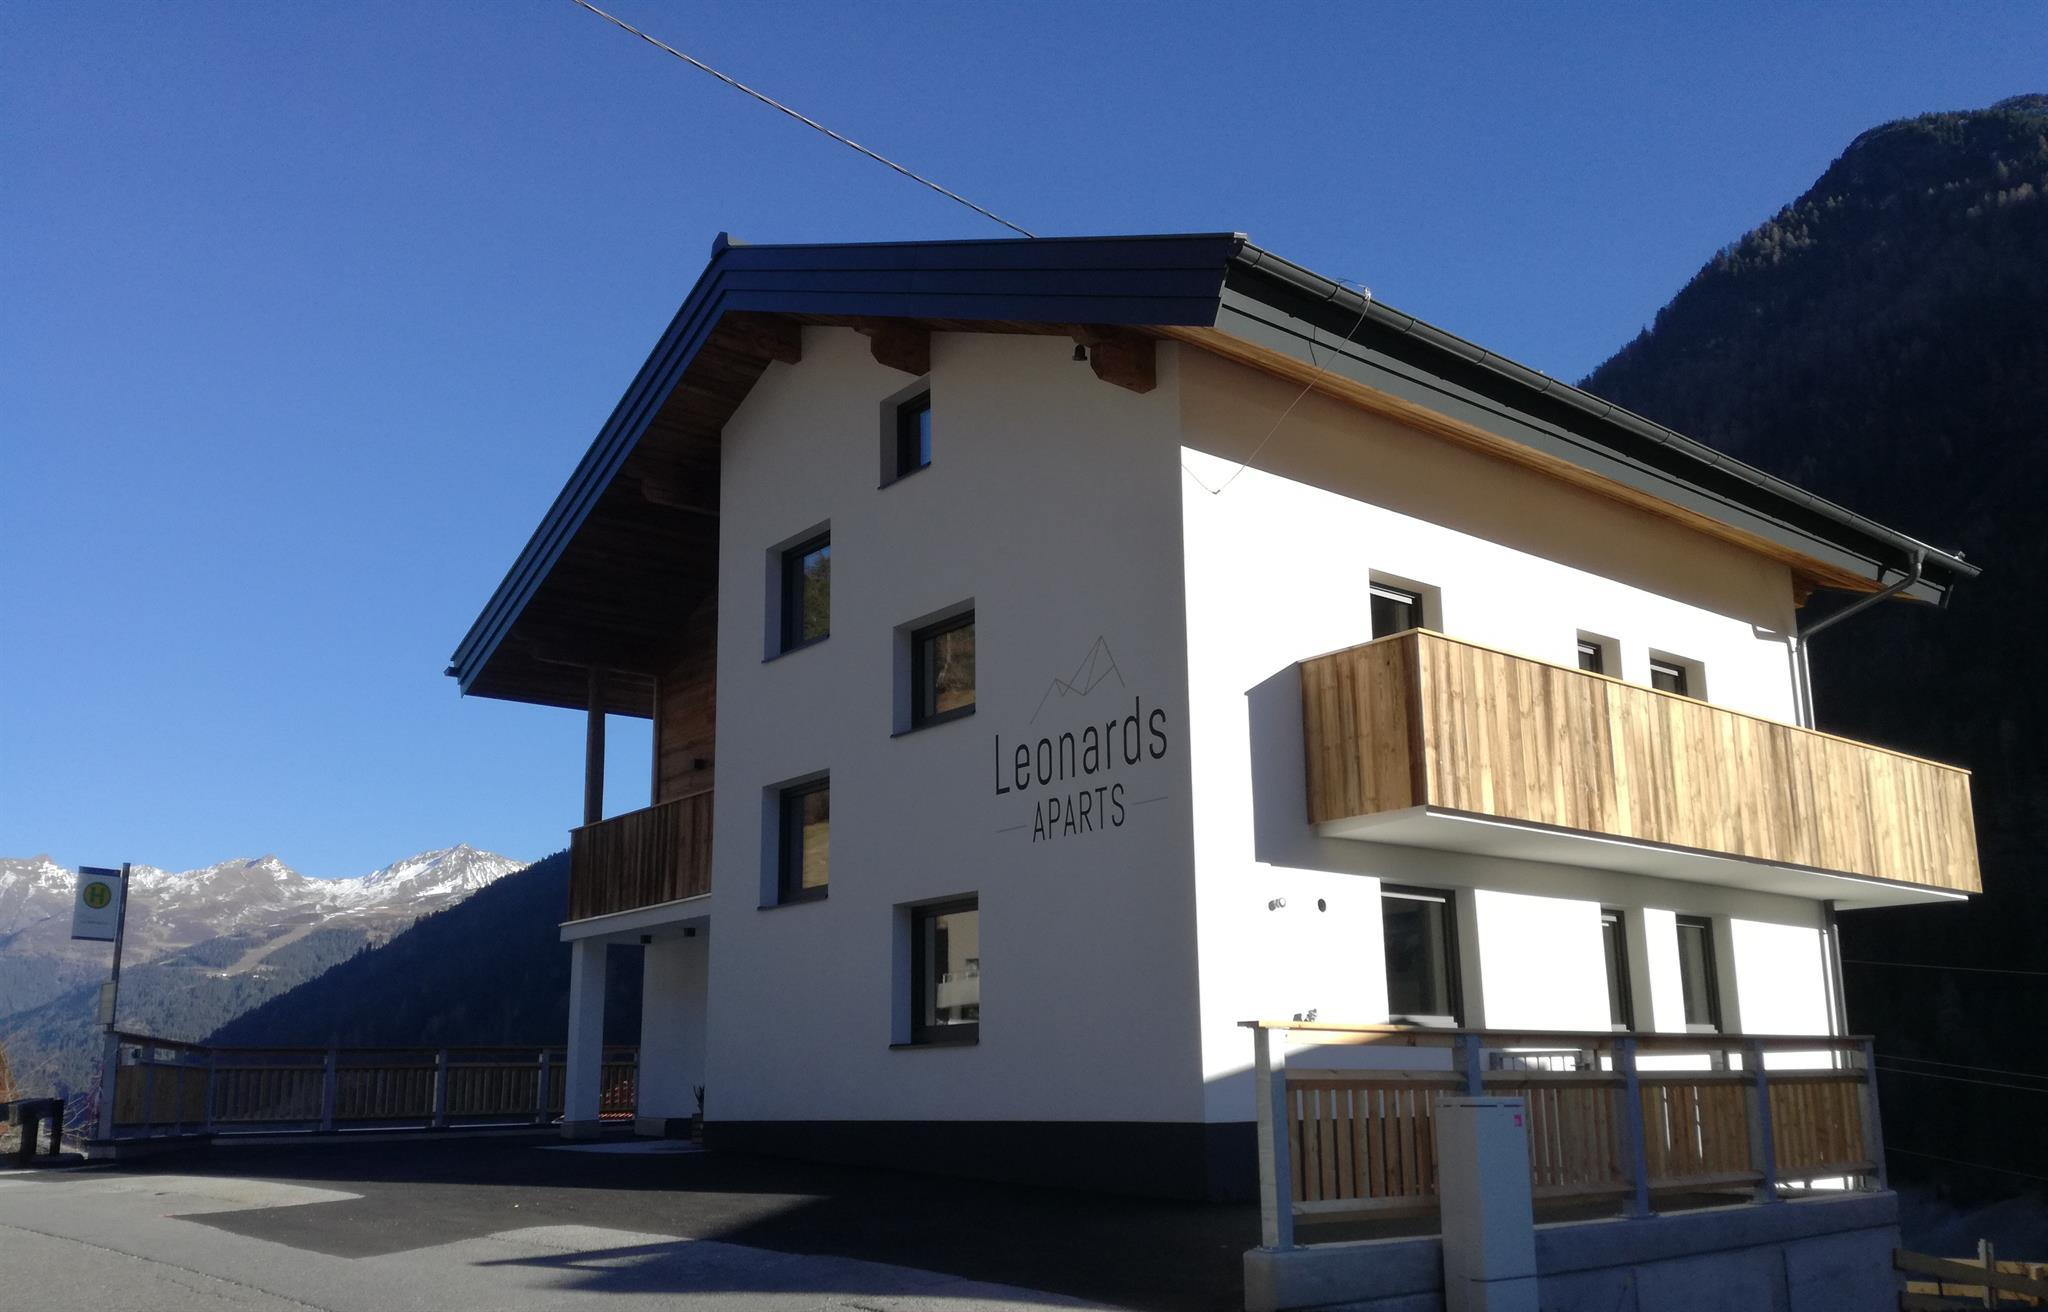 Leonards Aparts Ferienwohnung Appartement In Kappl Kapplcom